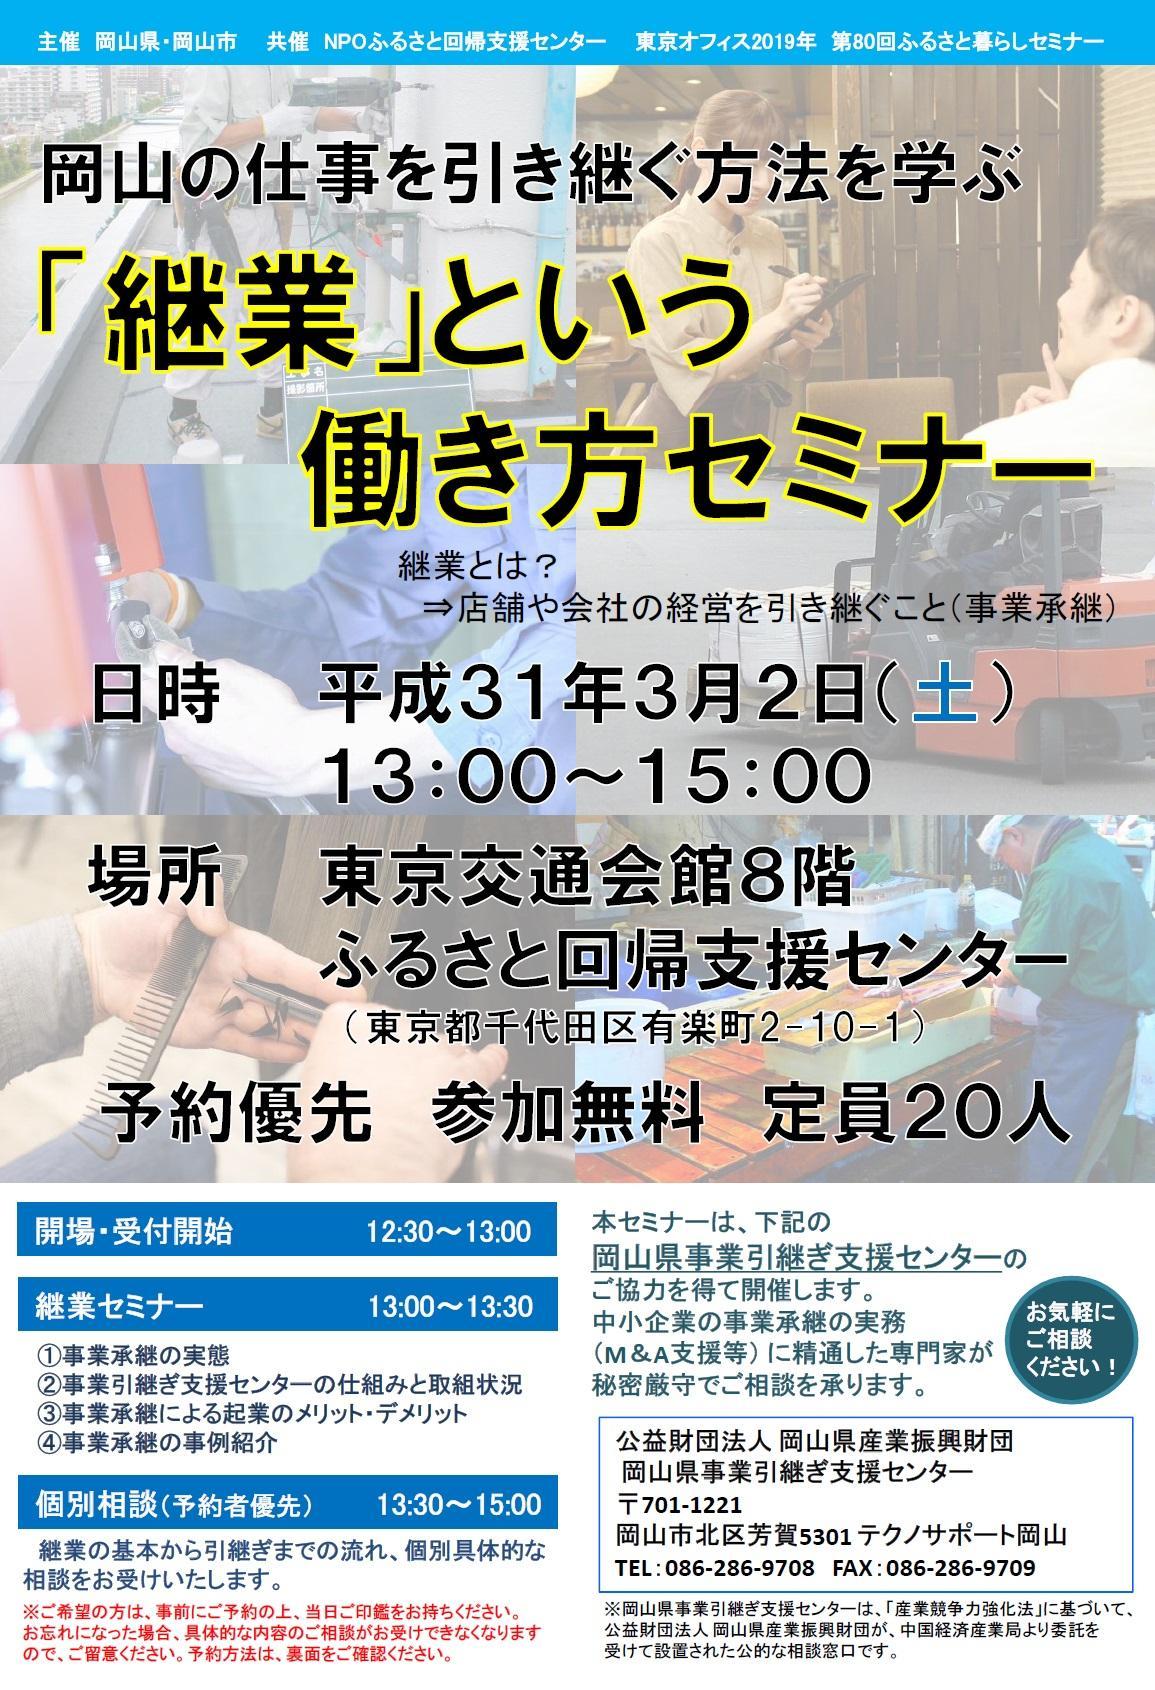 3月2日に継業セミナー(東京)開催します!